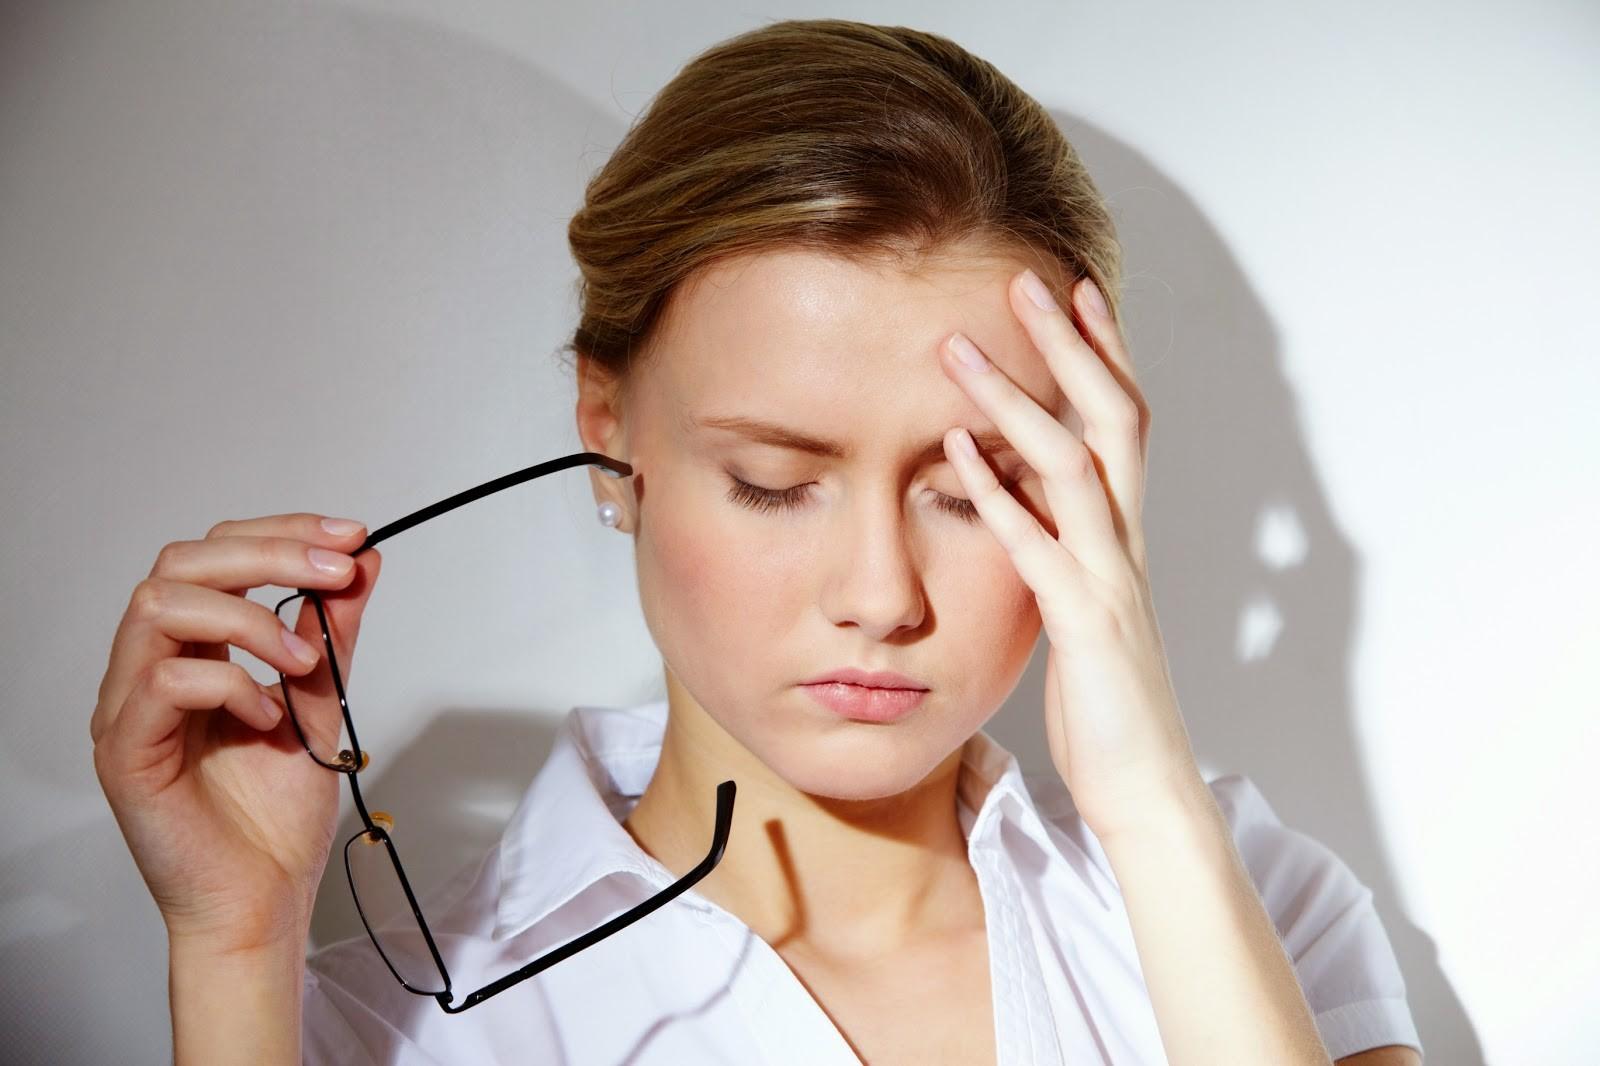 Mất ngủ gây ảnh hưởng lớn đến hoạt động sống của cơ thể